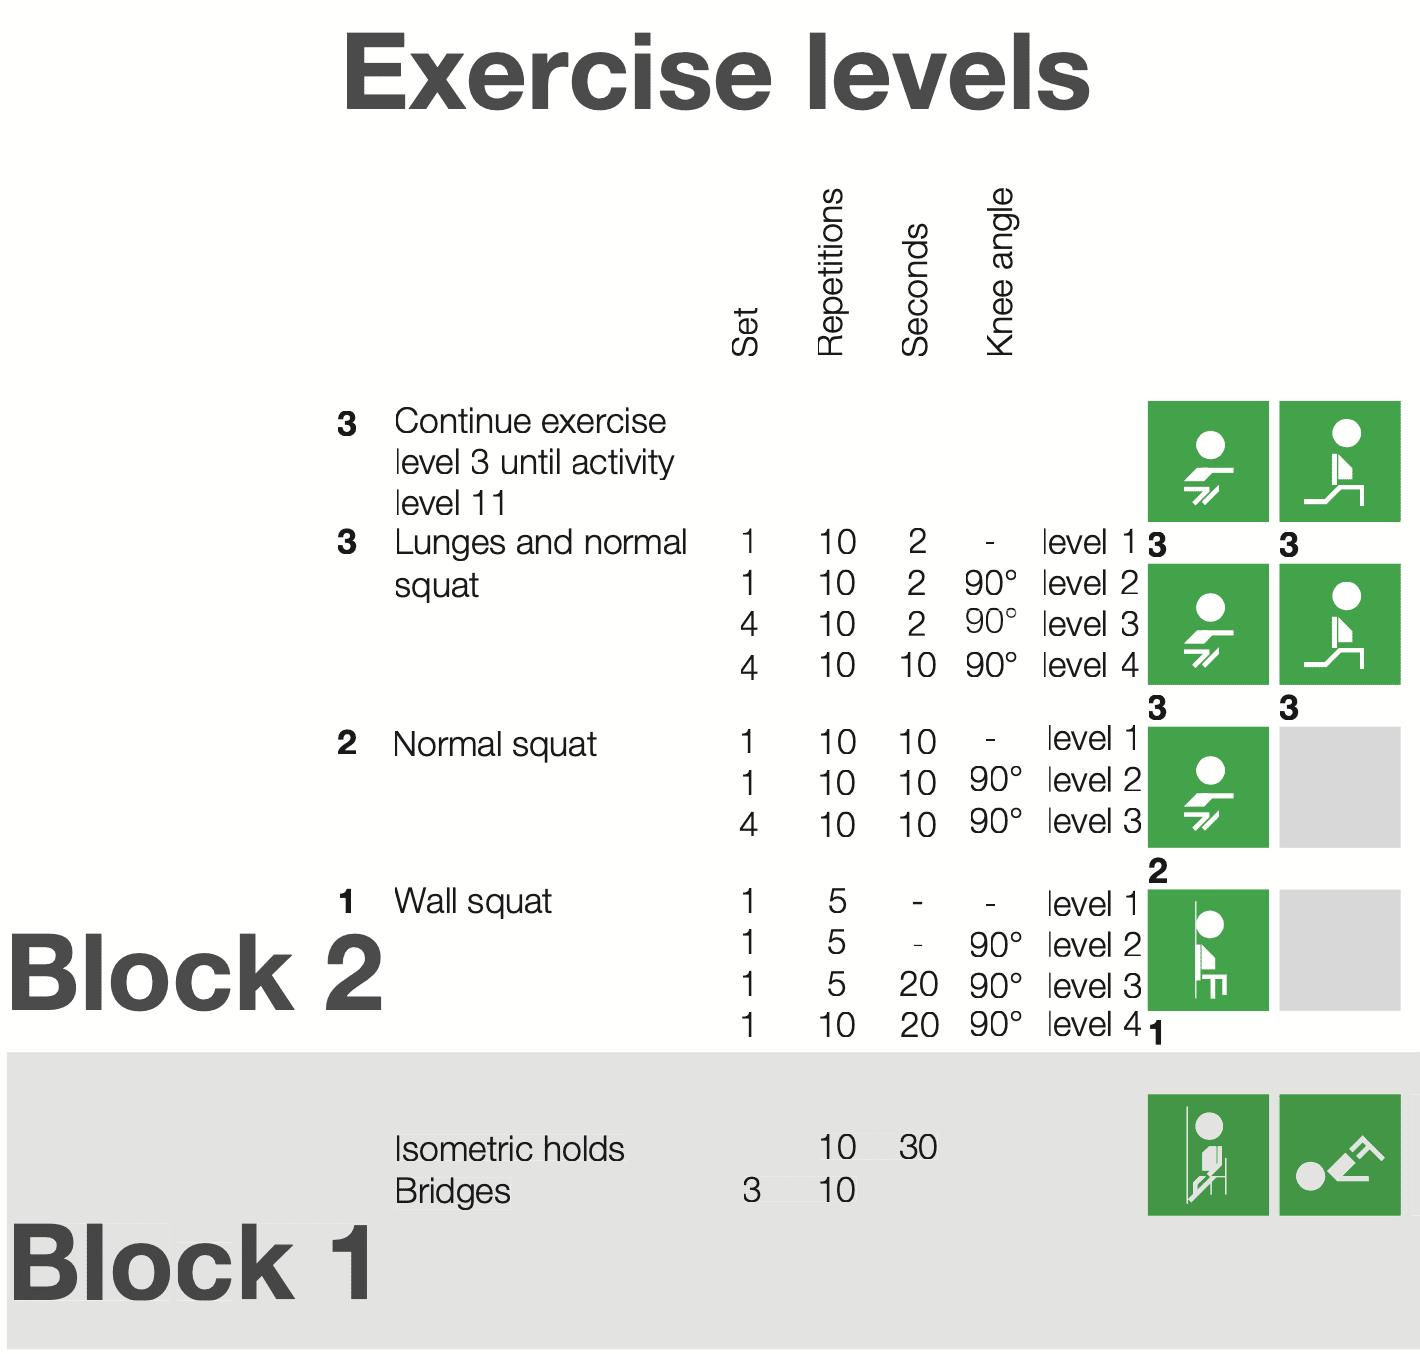 Figure 3 rathleff et al 2020 program